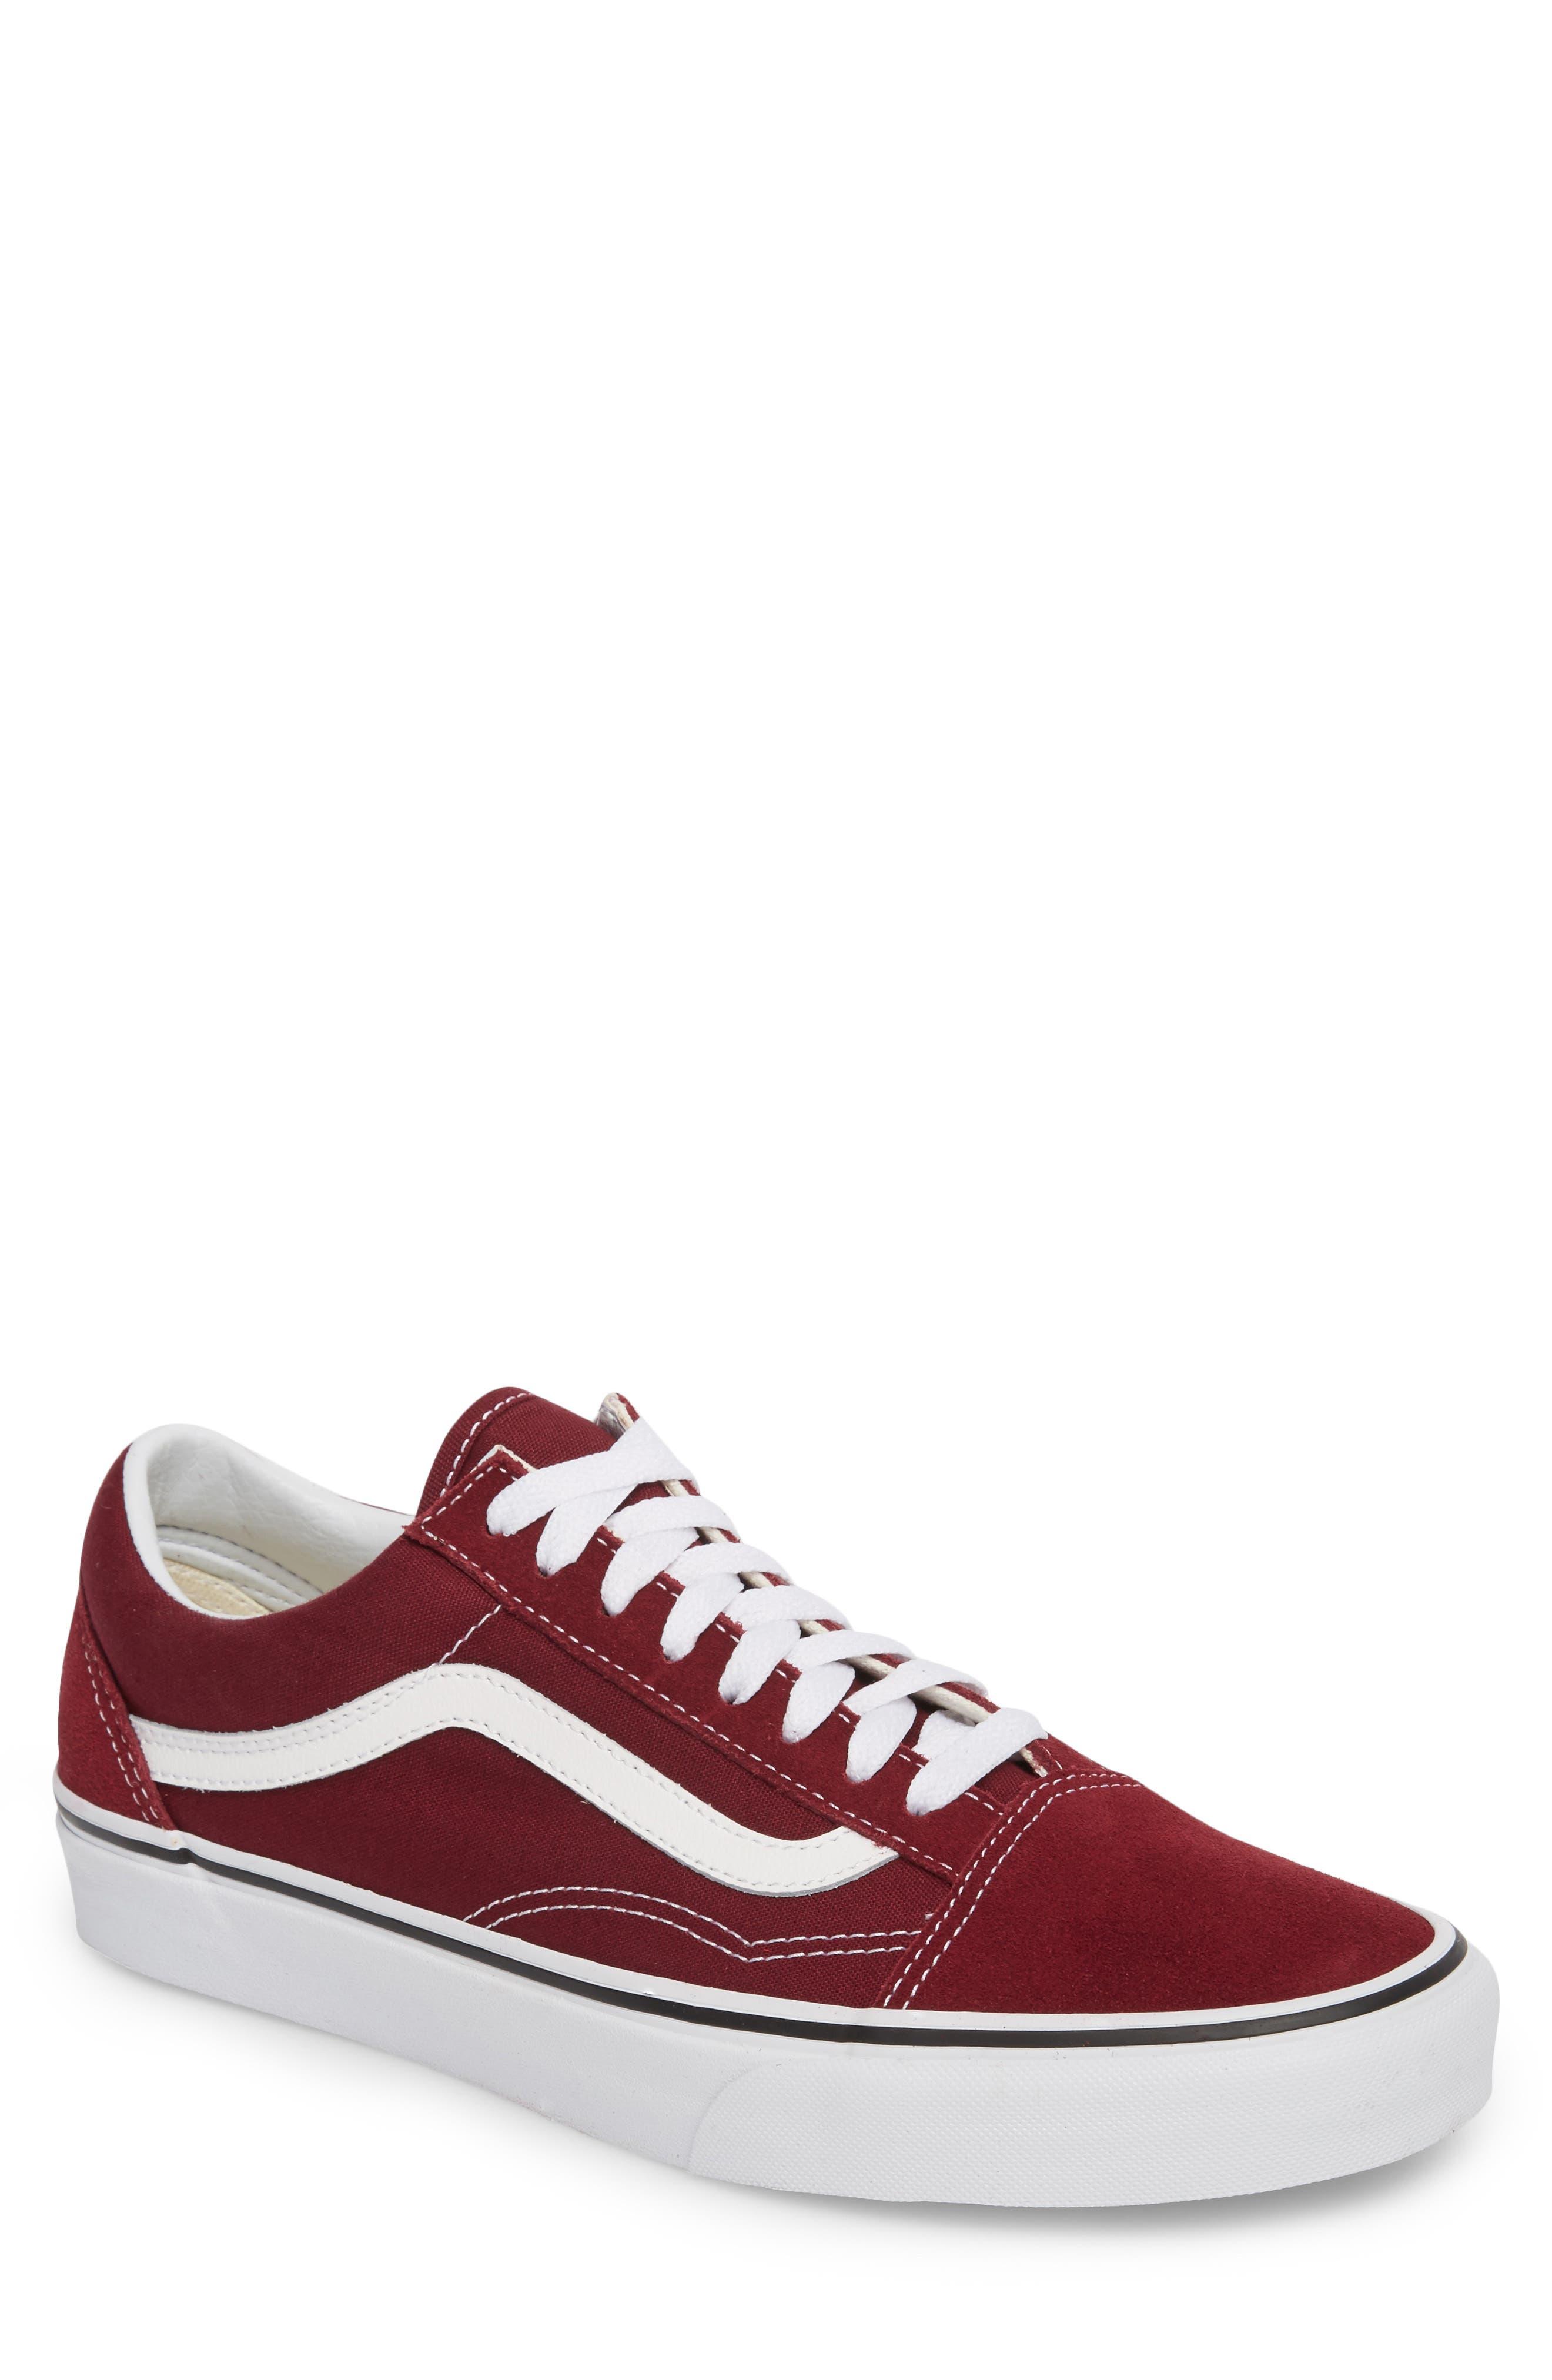 Alternate Image 1 Selected - Vans 'Old Skool' Sneaker (Men)